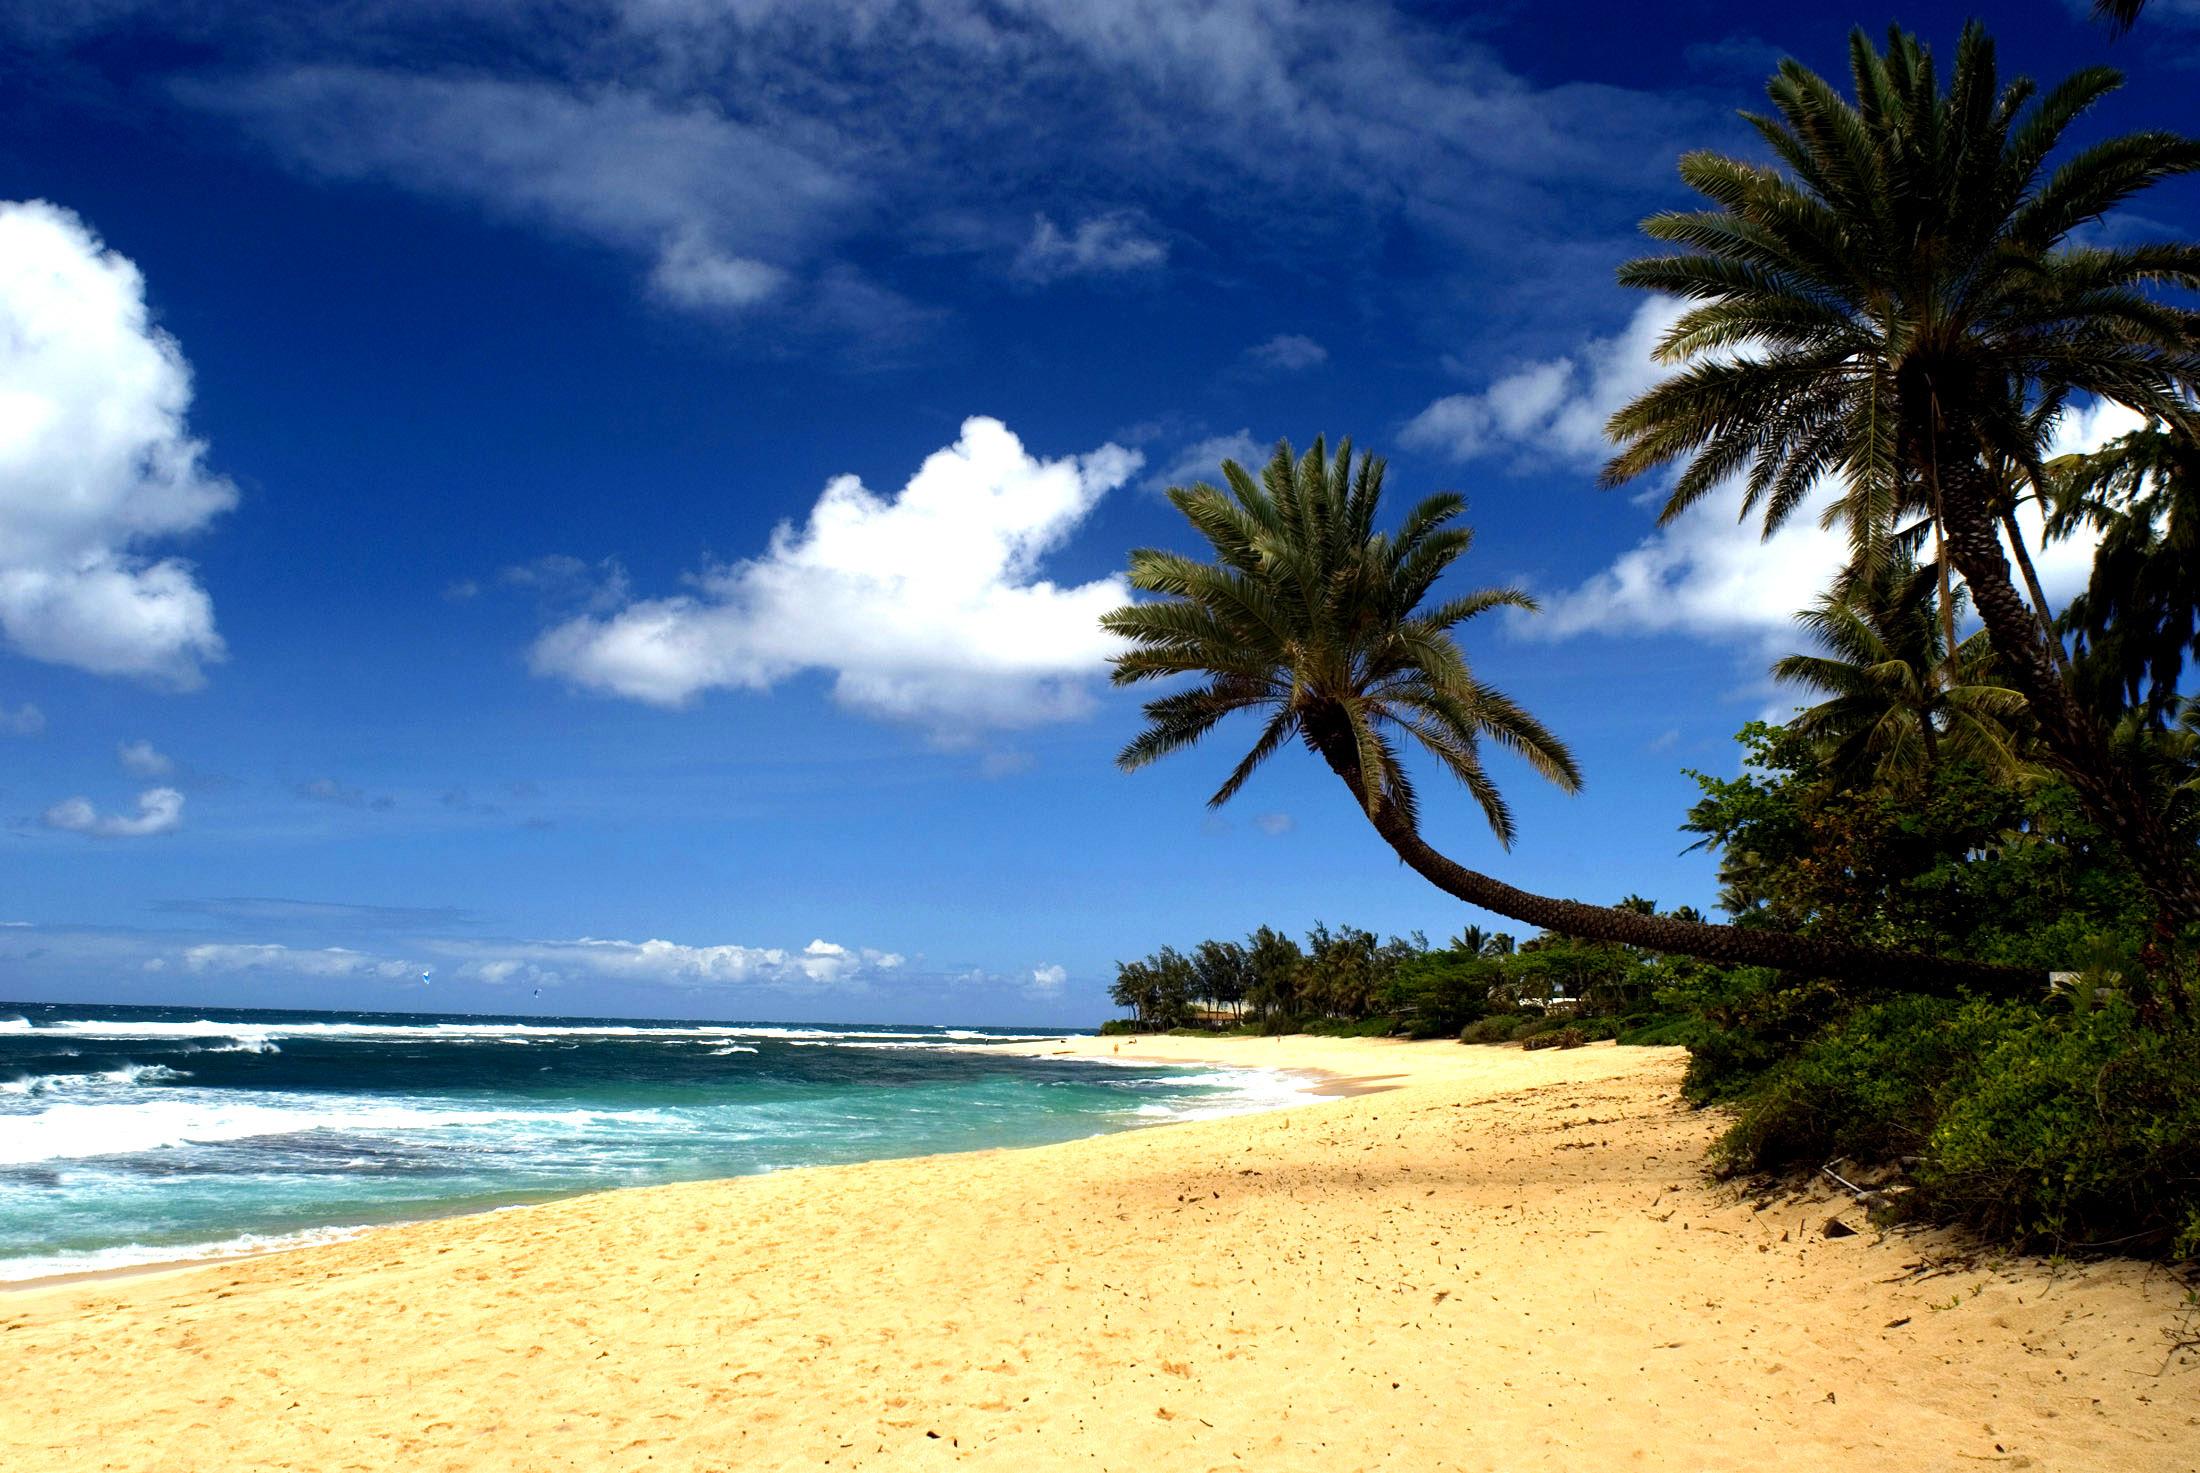 hawaiian_beach.jpg